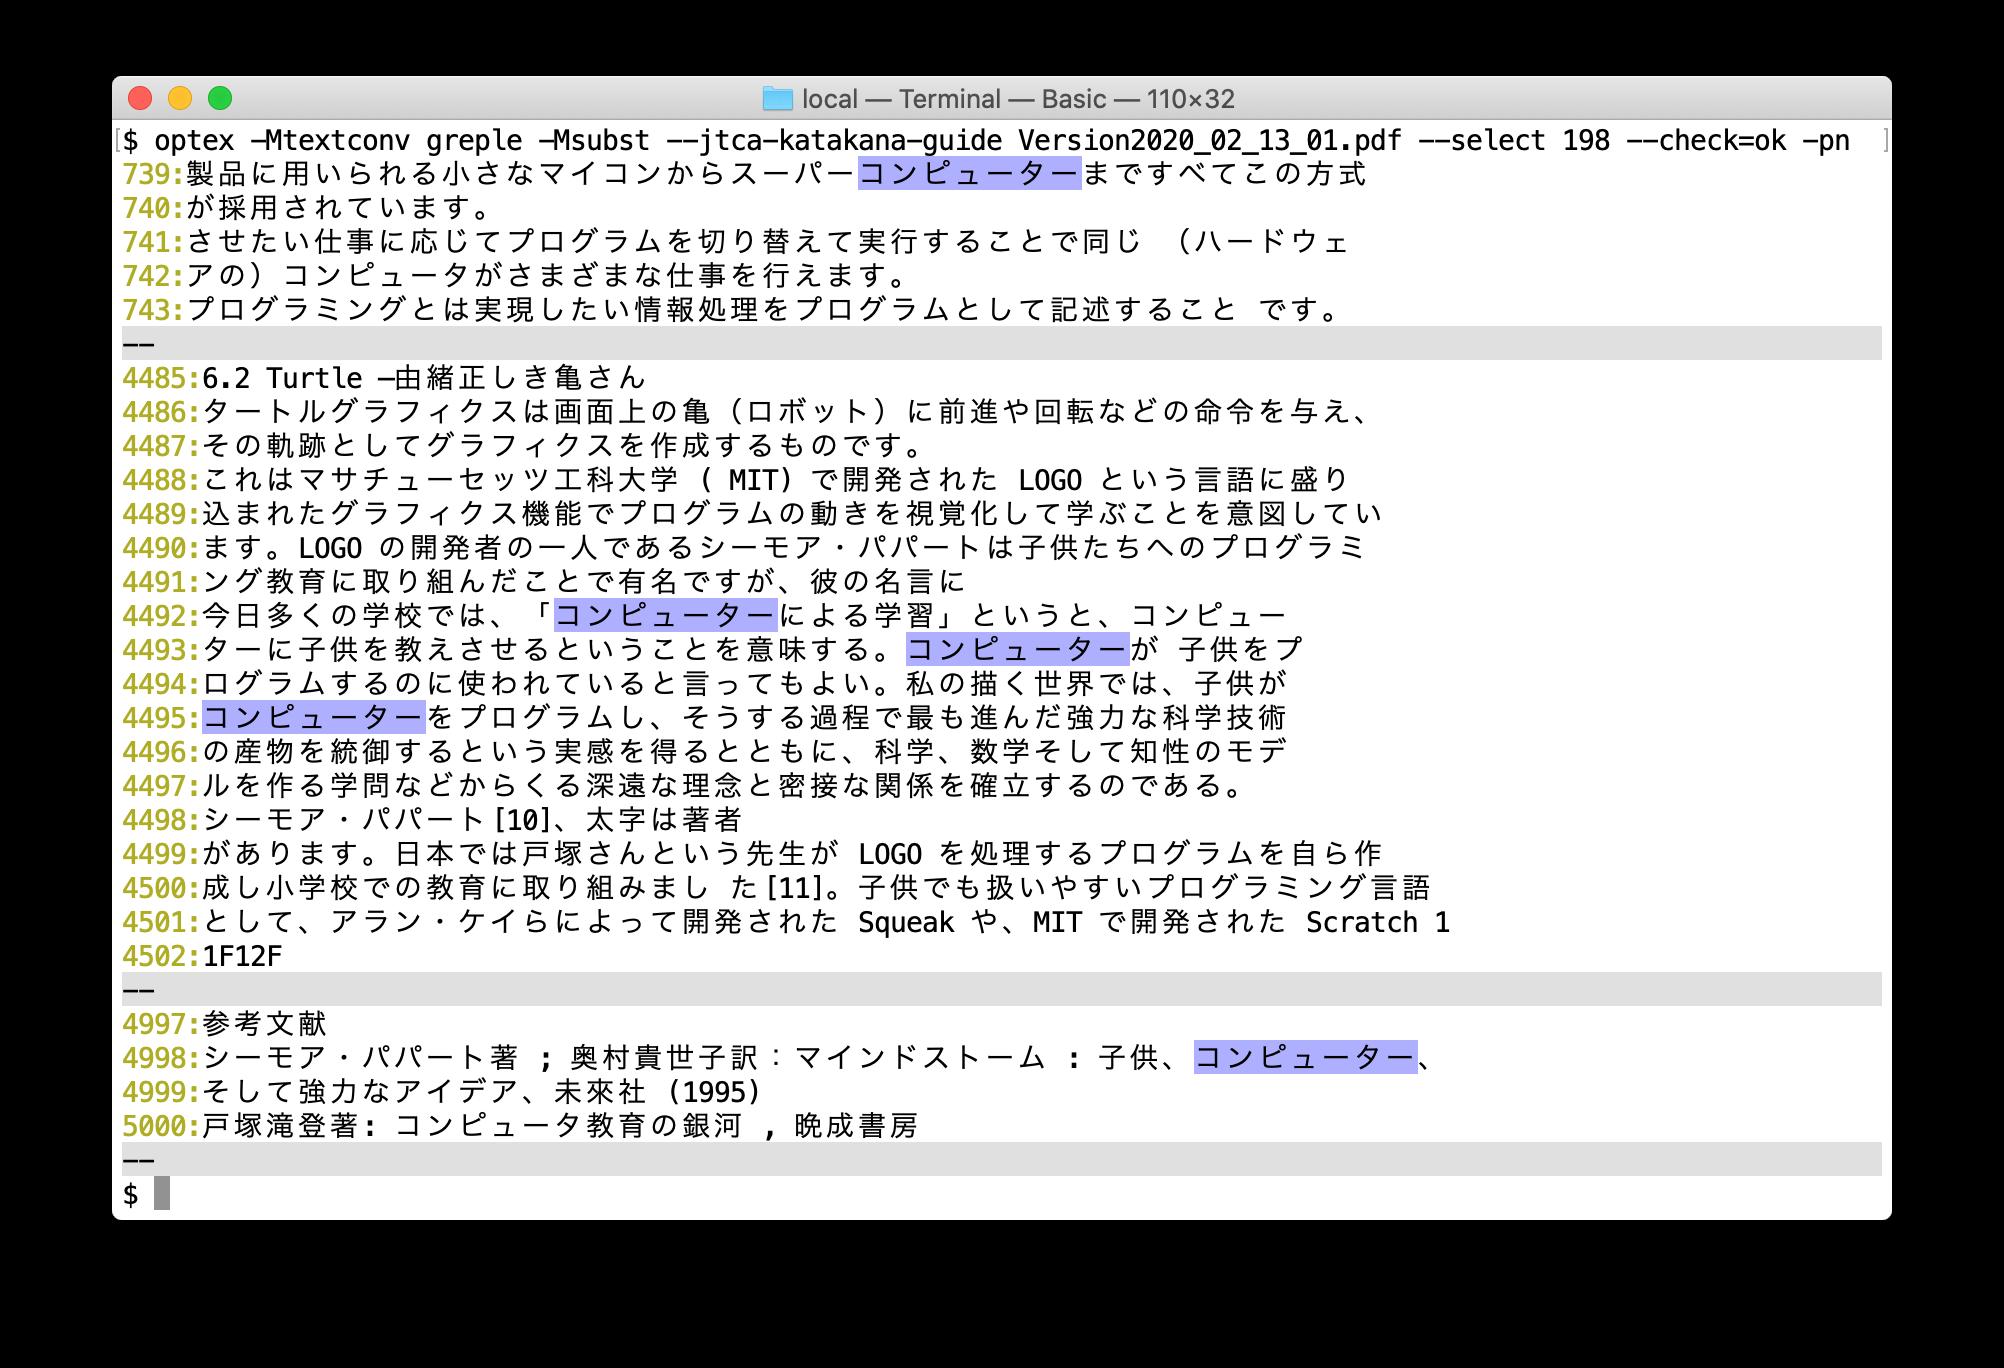 スクリーンショット 2020-03-02 13.50.38.png